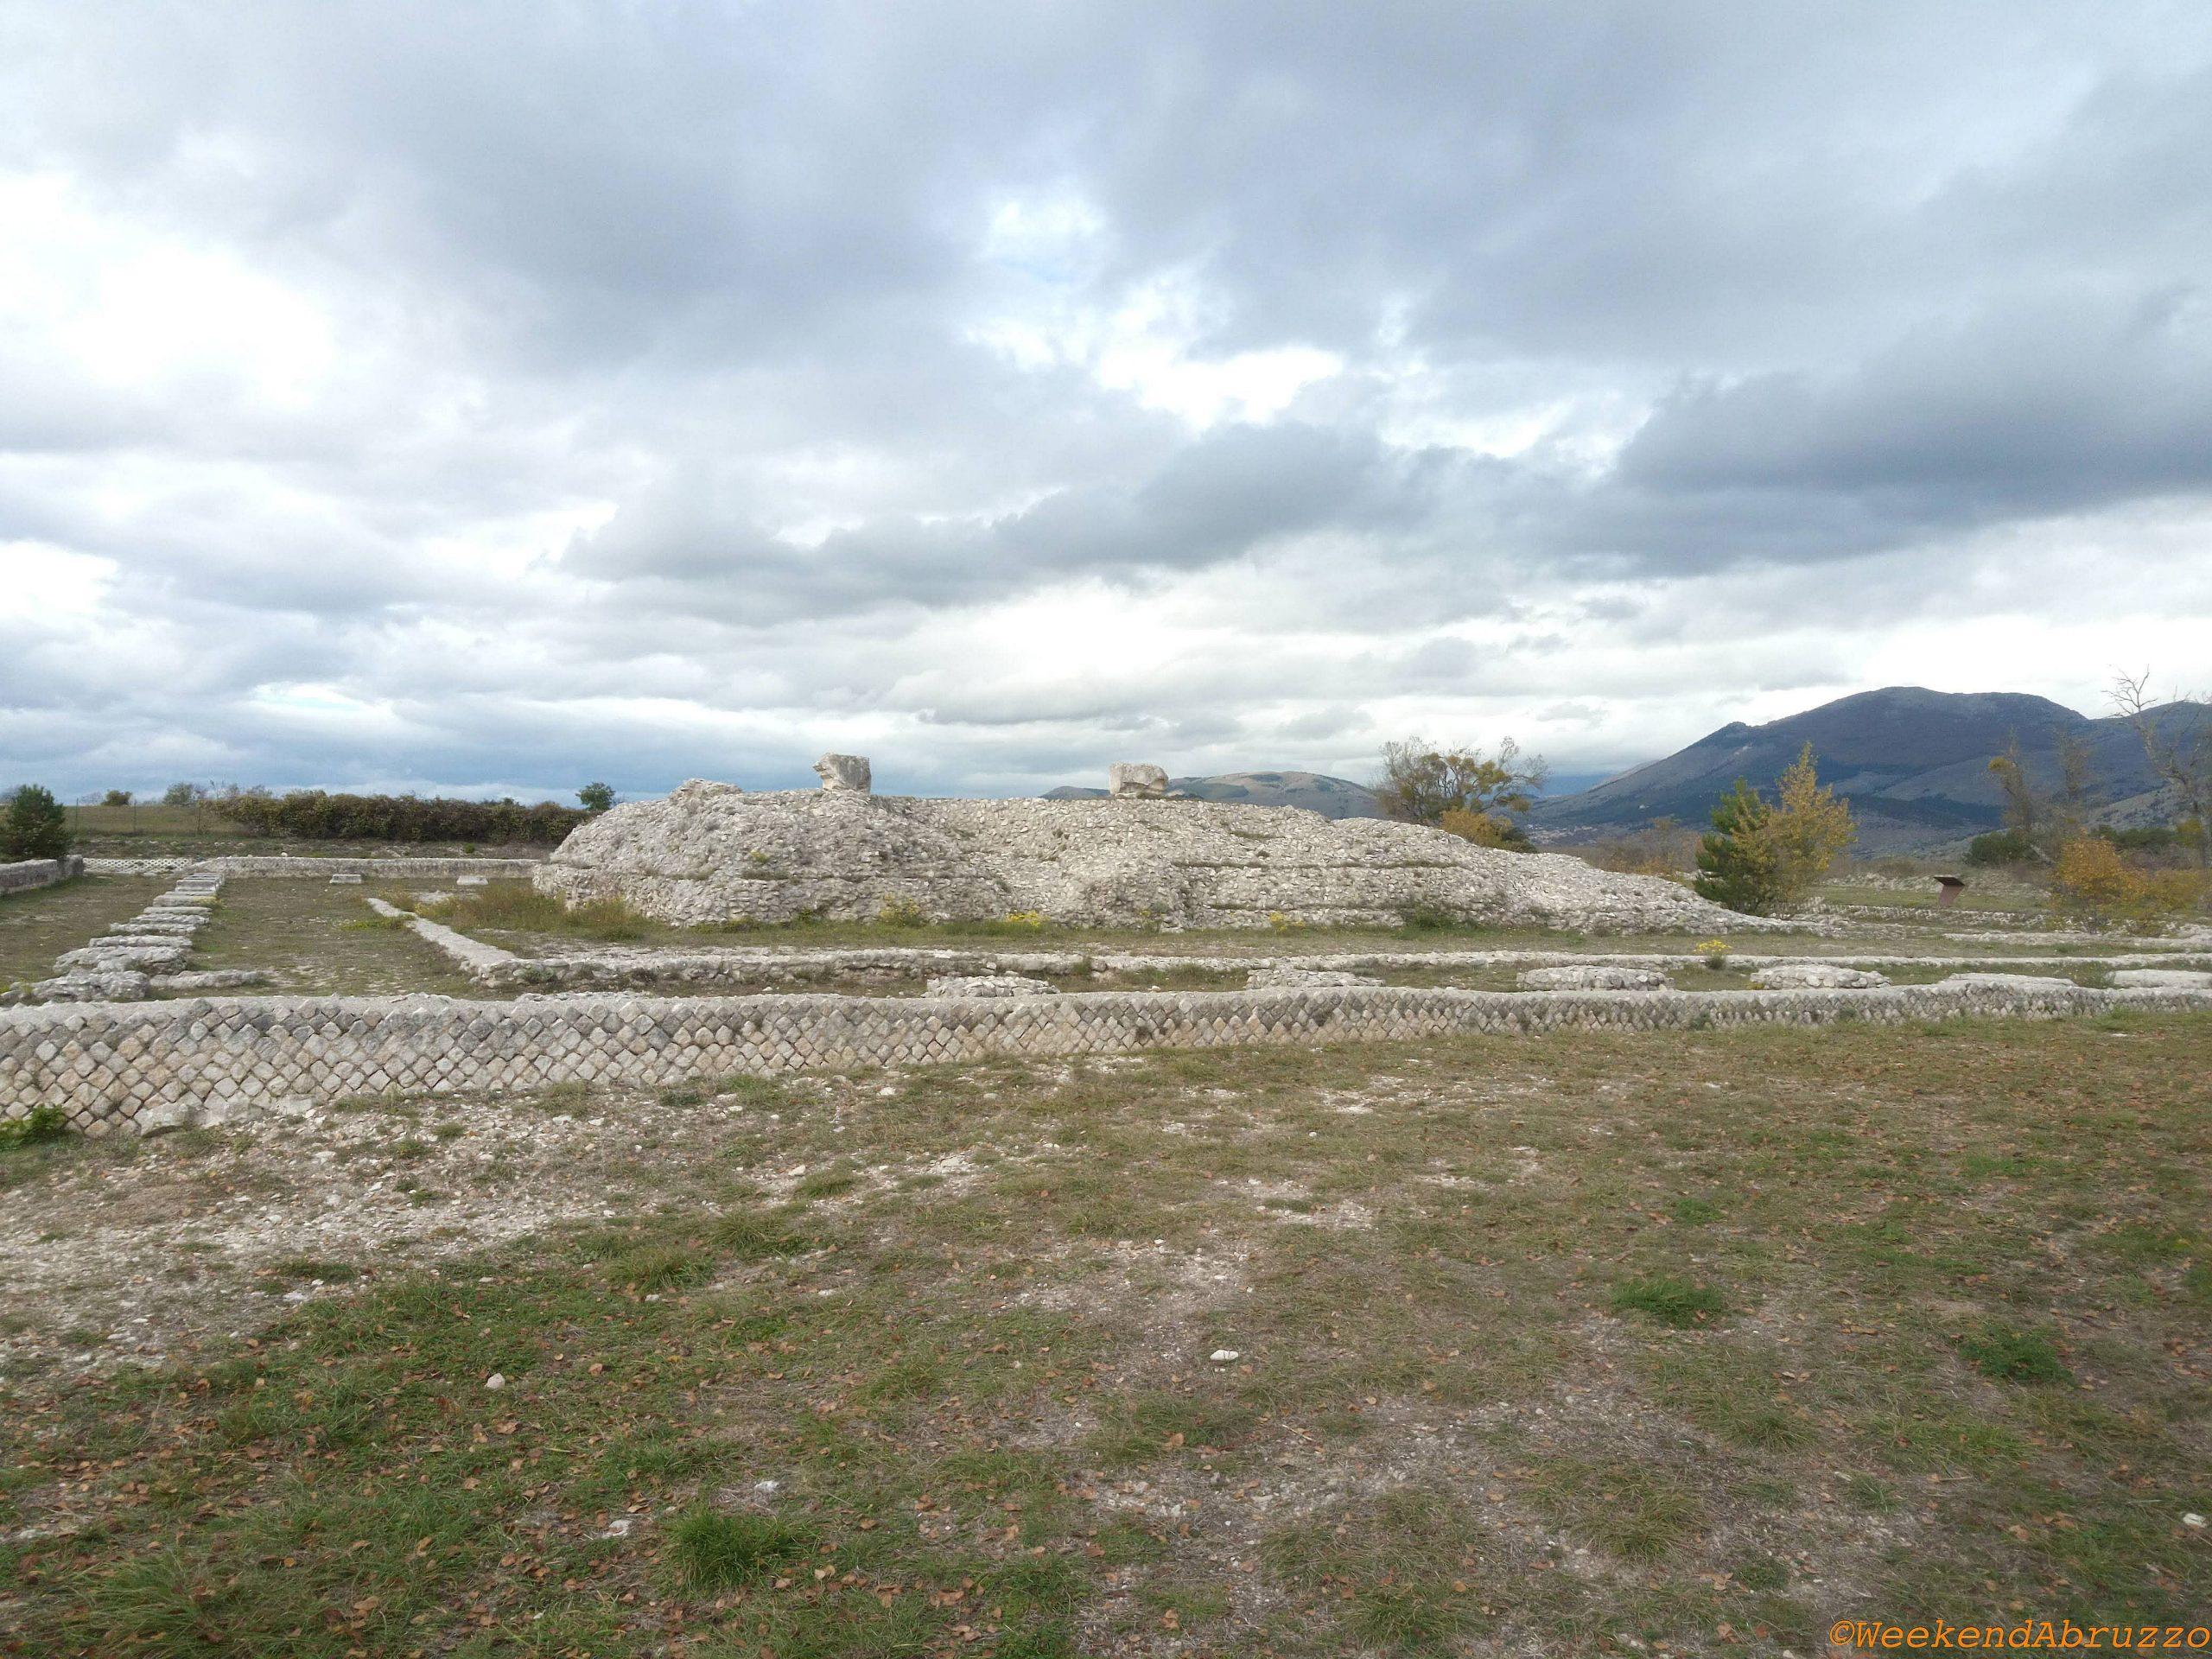 Peltuinum e il tempio romano in Abruzzo